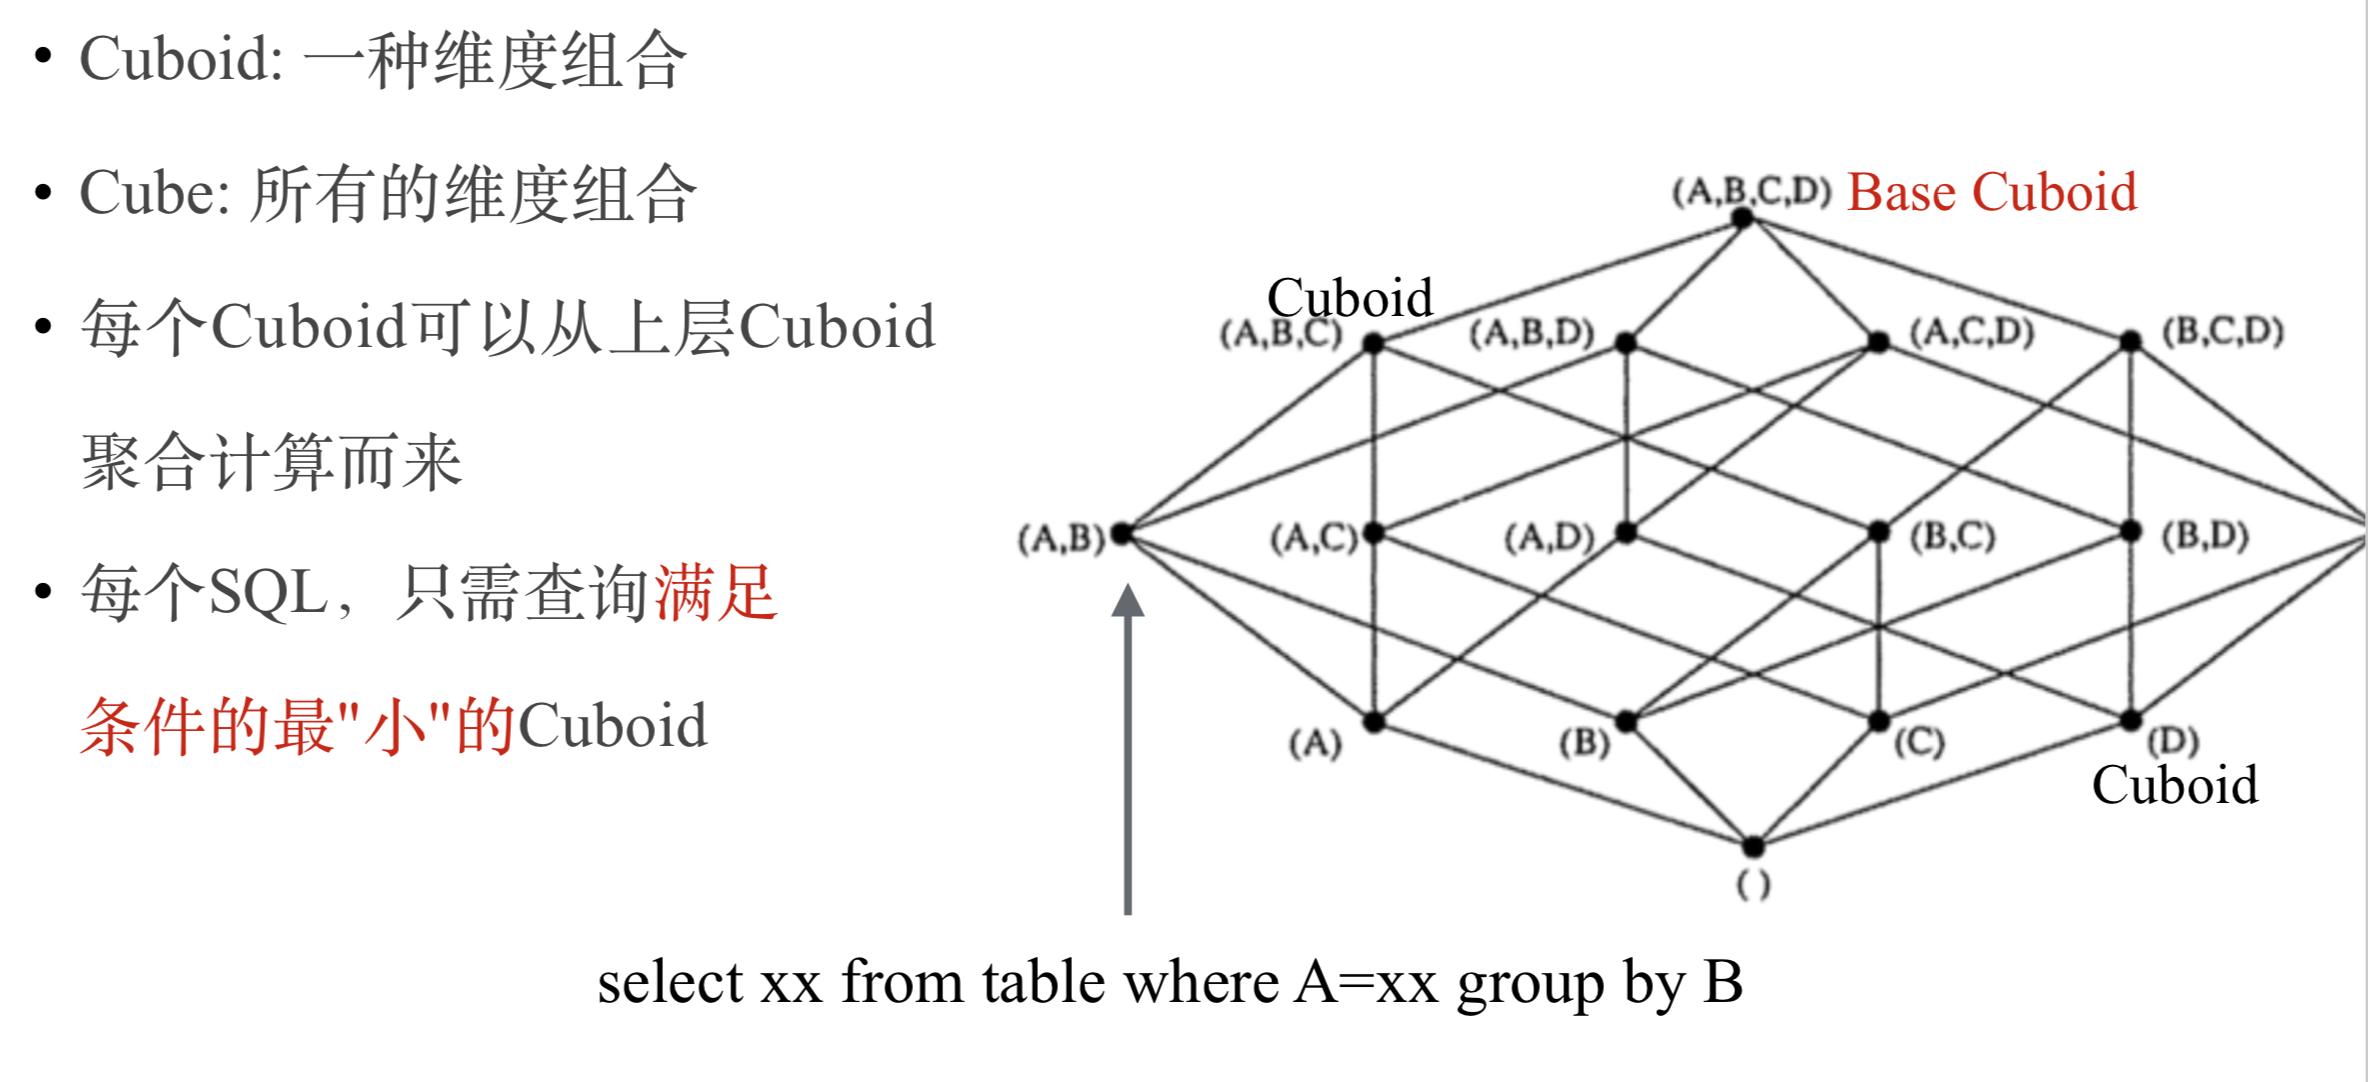 Kylin-cube